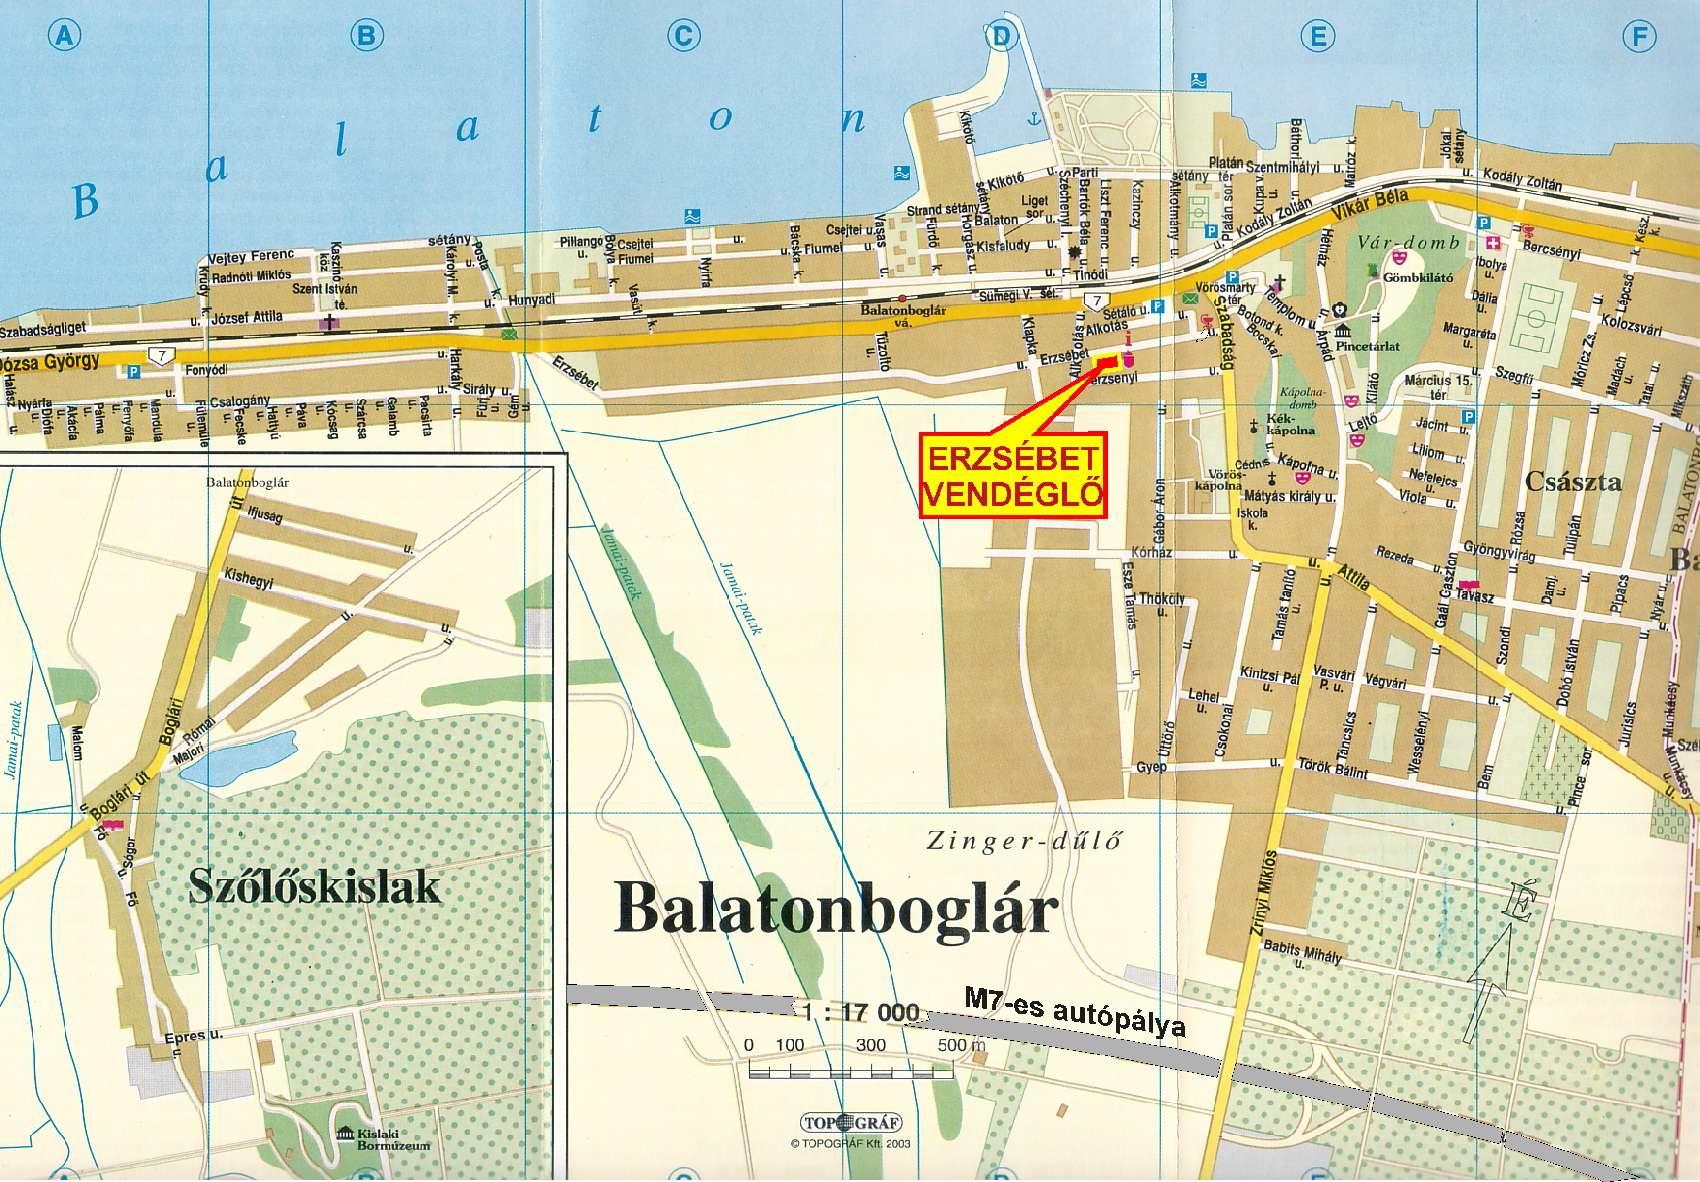 balatonboglár térkép Erzsebet vendeglo balatonboglár térkép